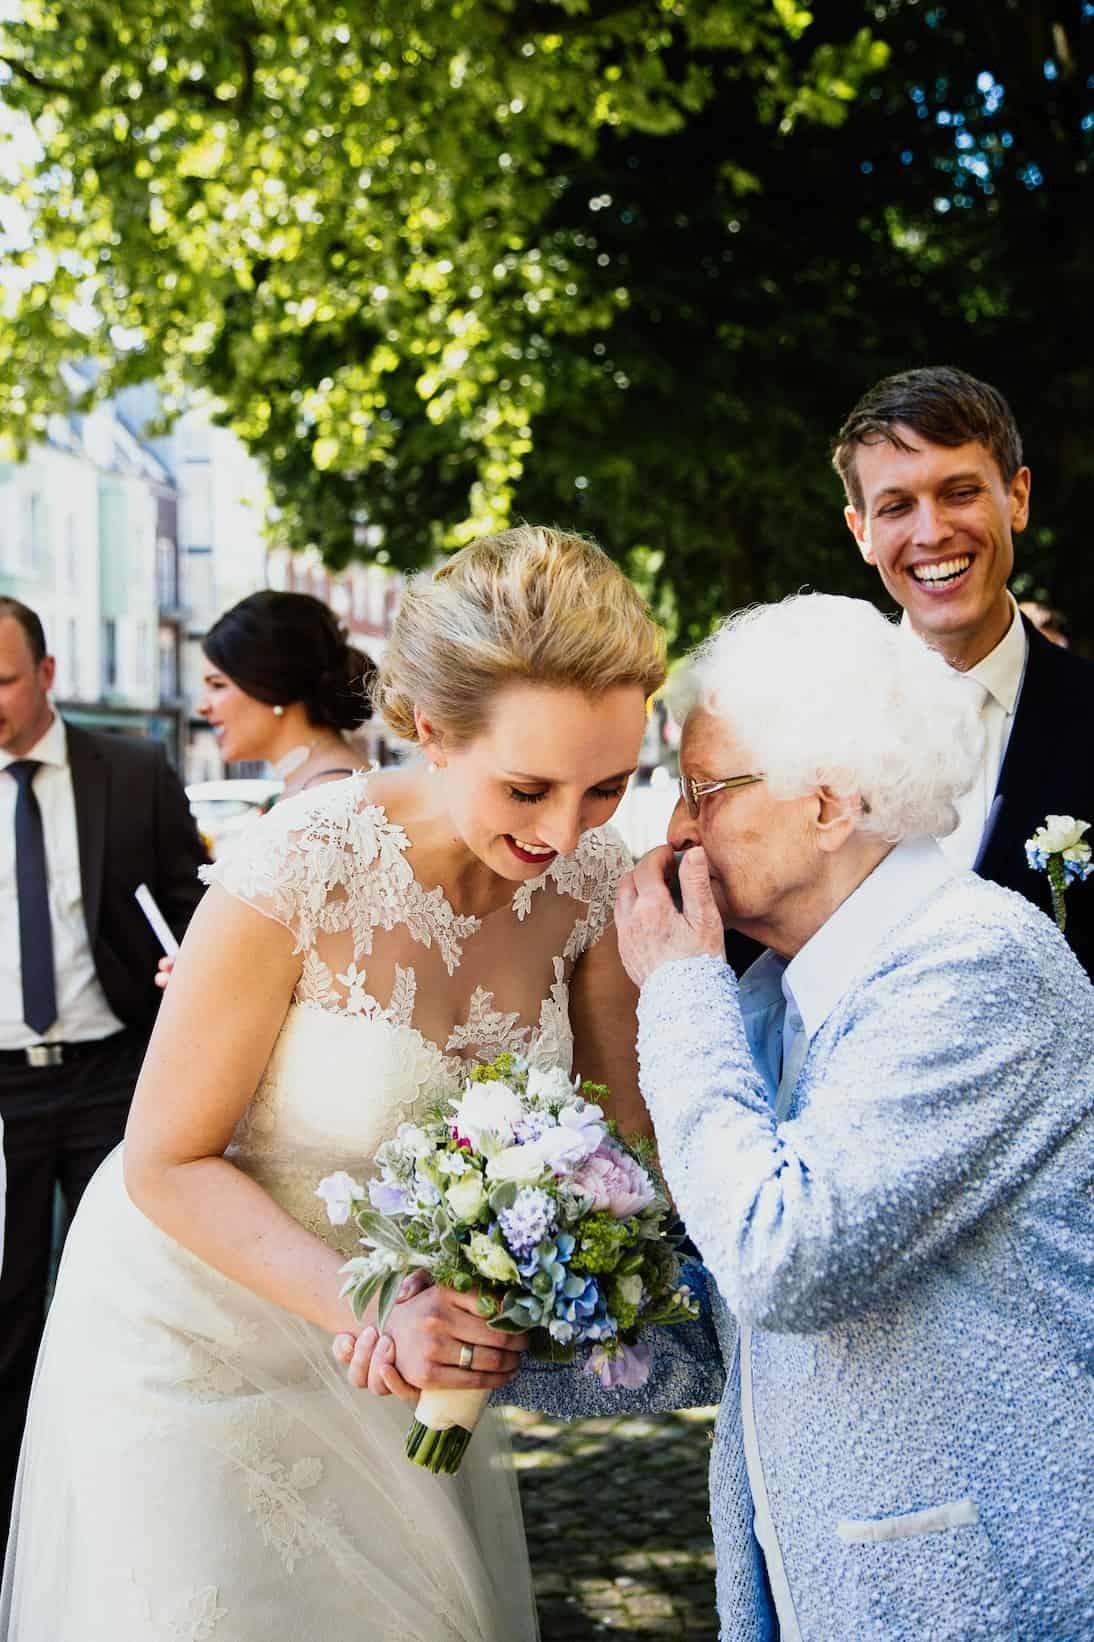 Hochzeit von Tine und Basti in Münster: Glückwünsche